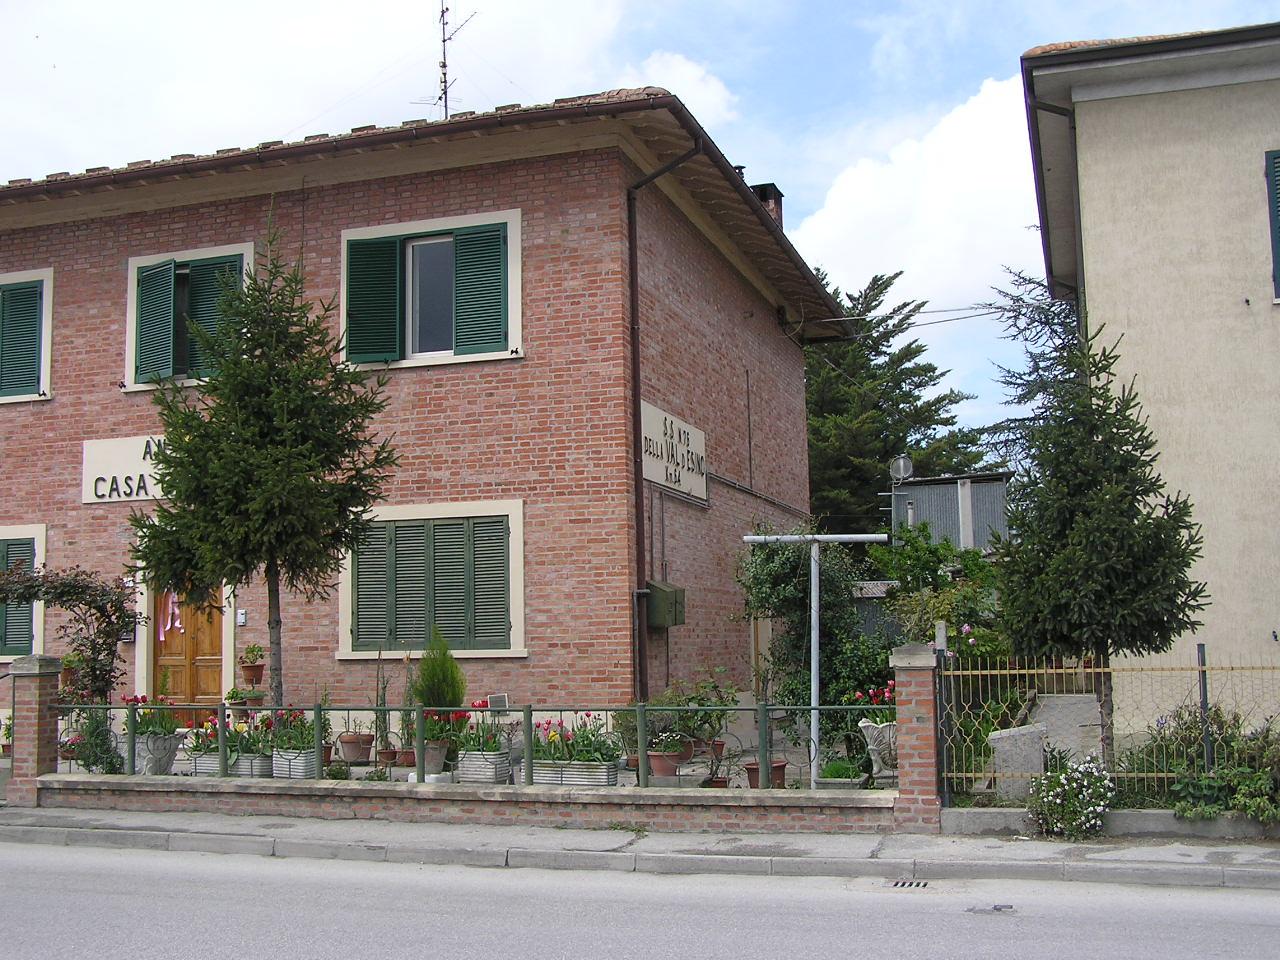 Casa cantoniera Jesi / Anas